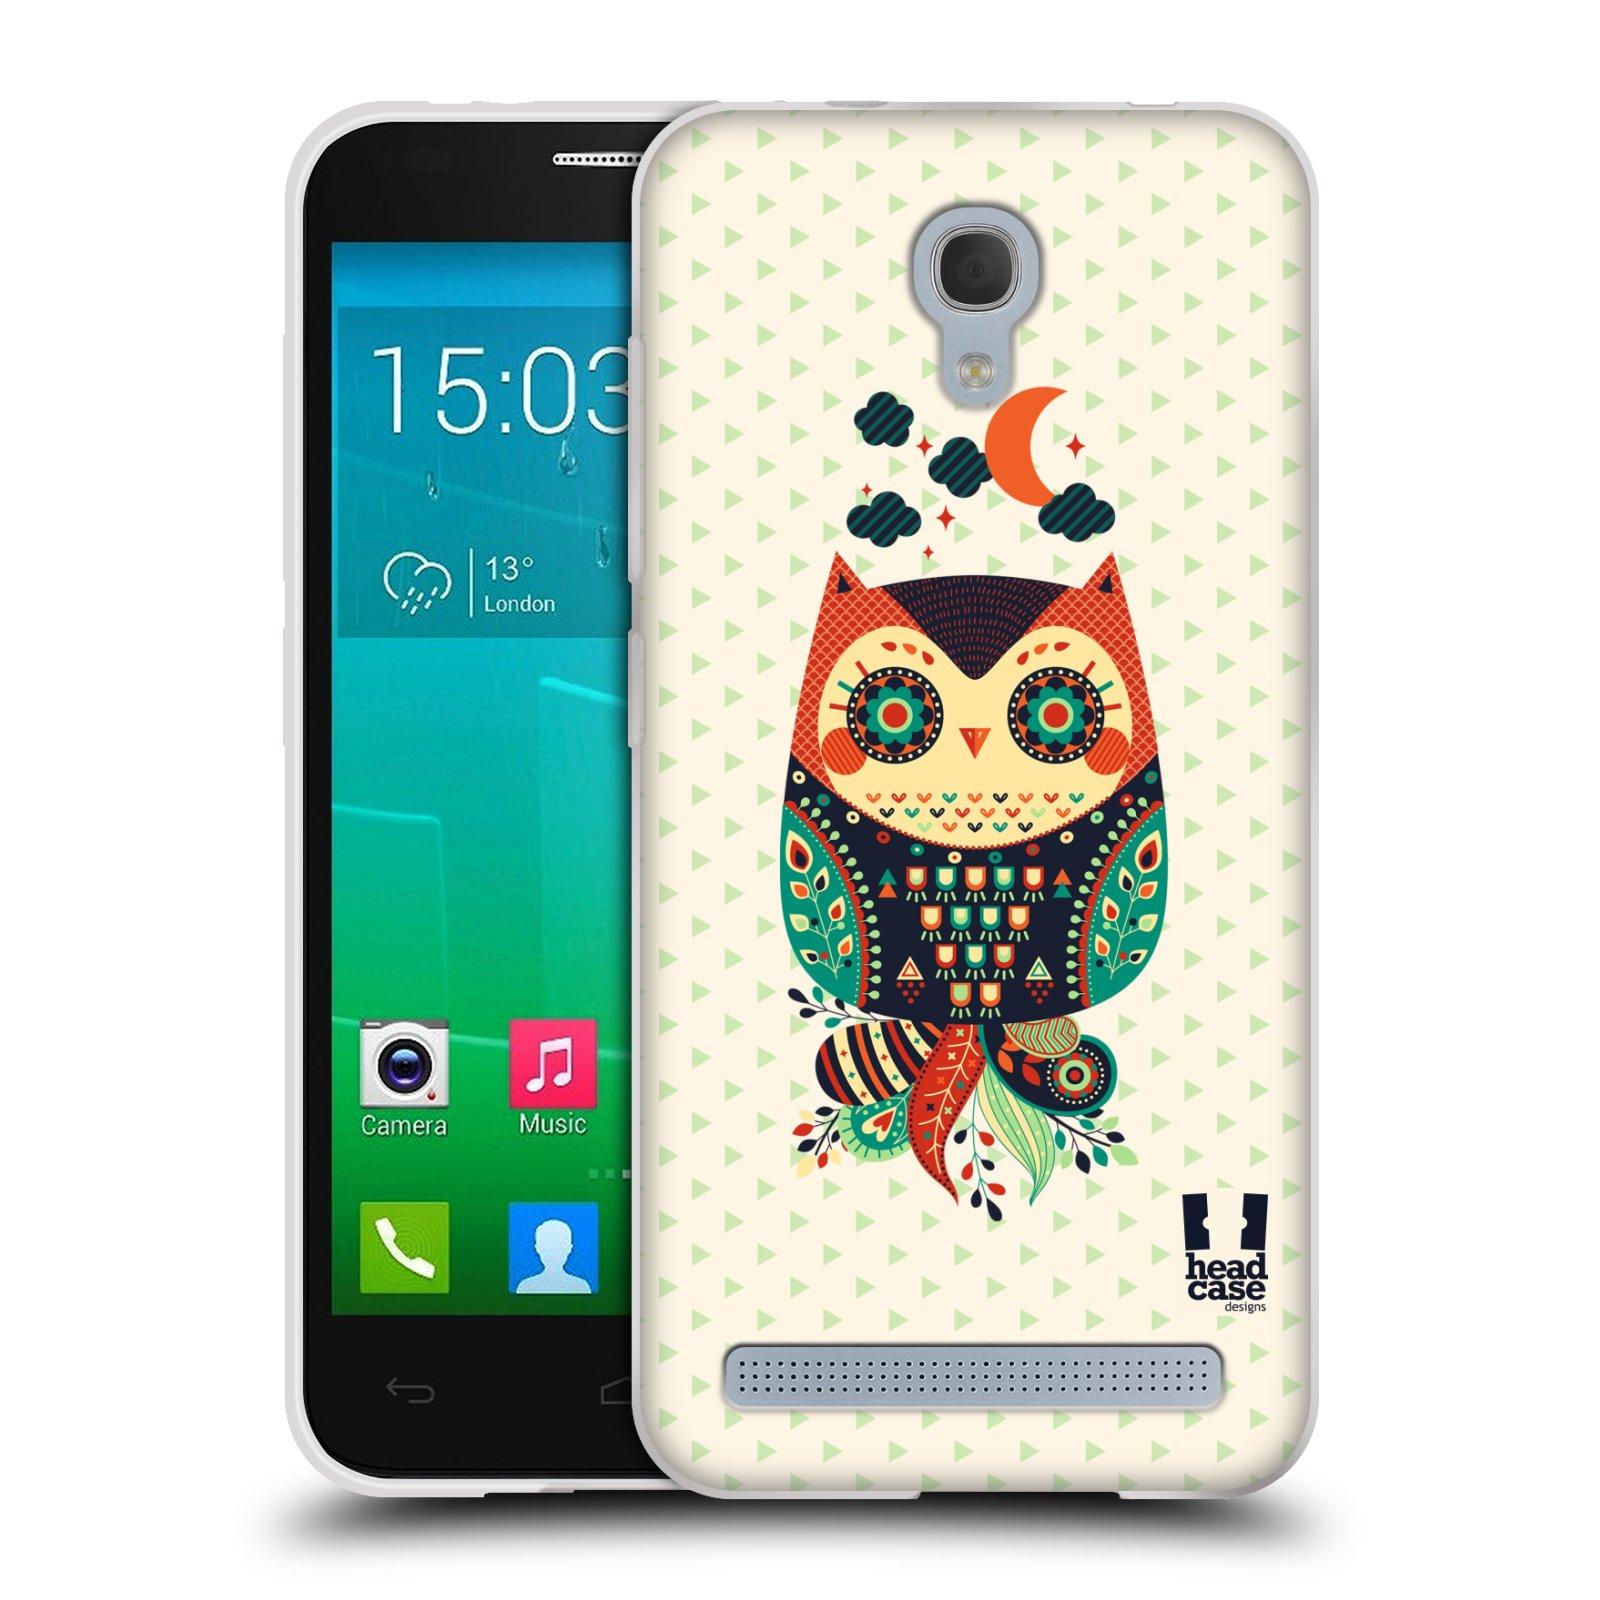 HEAD CASE silikonový obal na mobil Alcatel Idol 2 MINI S 6036Y vzor Stmívání sovička oranžová a zelená